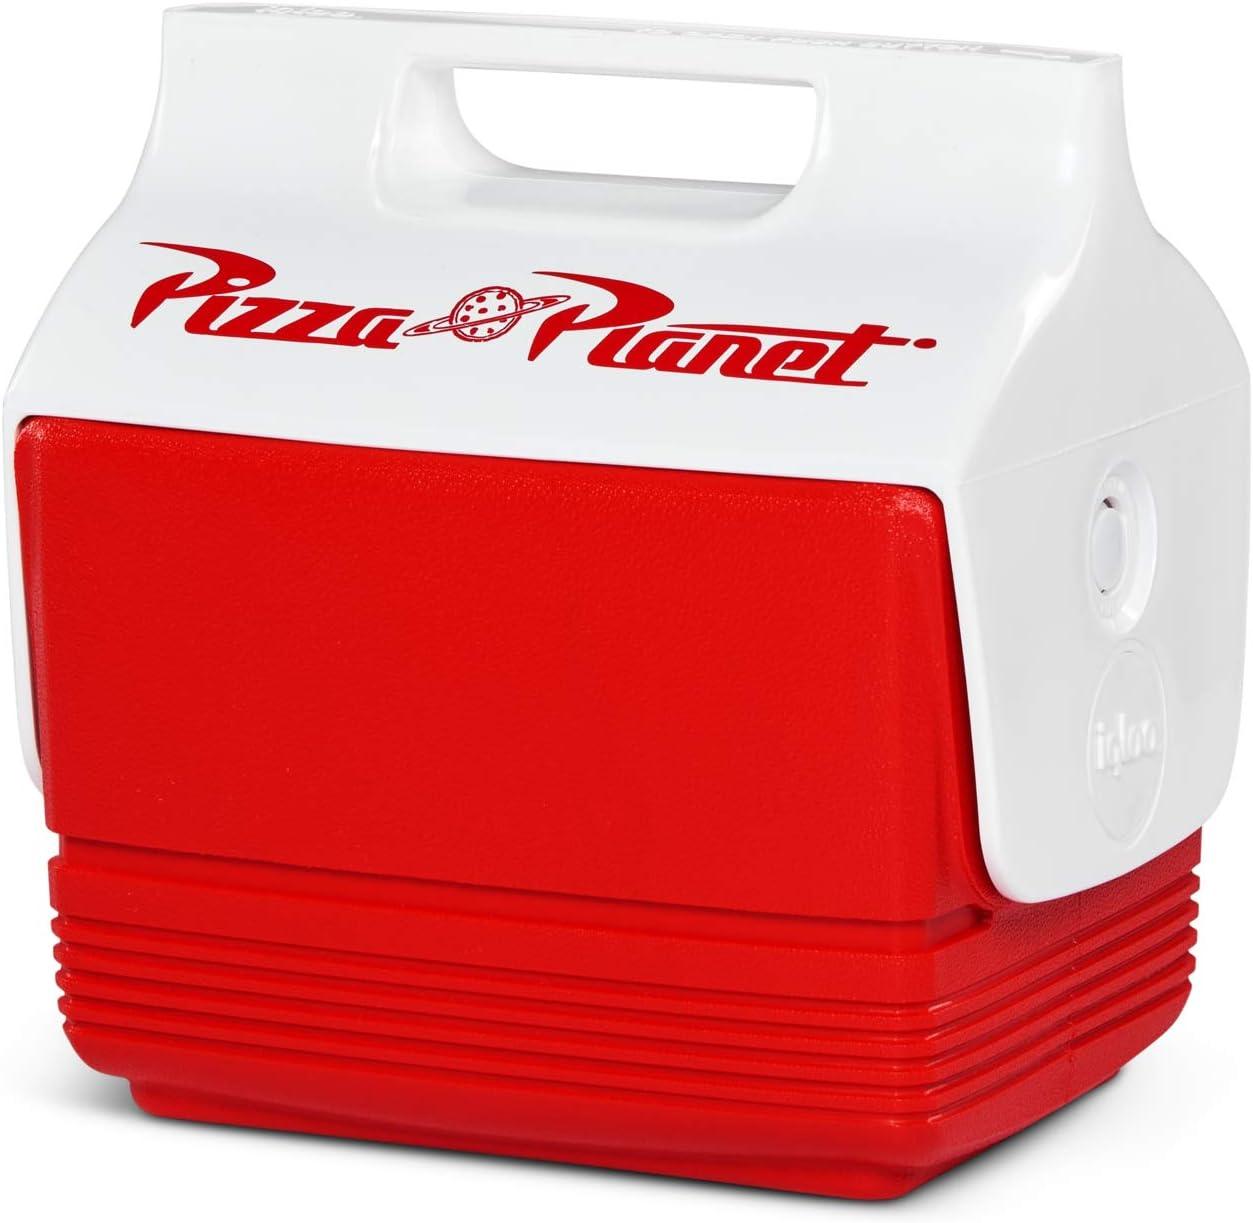 S Igloo Unisexs Playmate Mini Cooler Multi